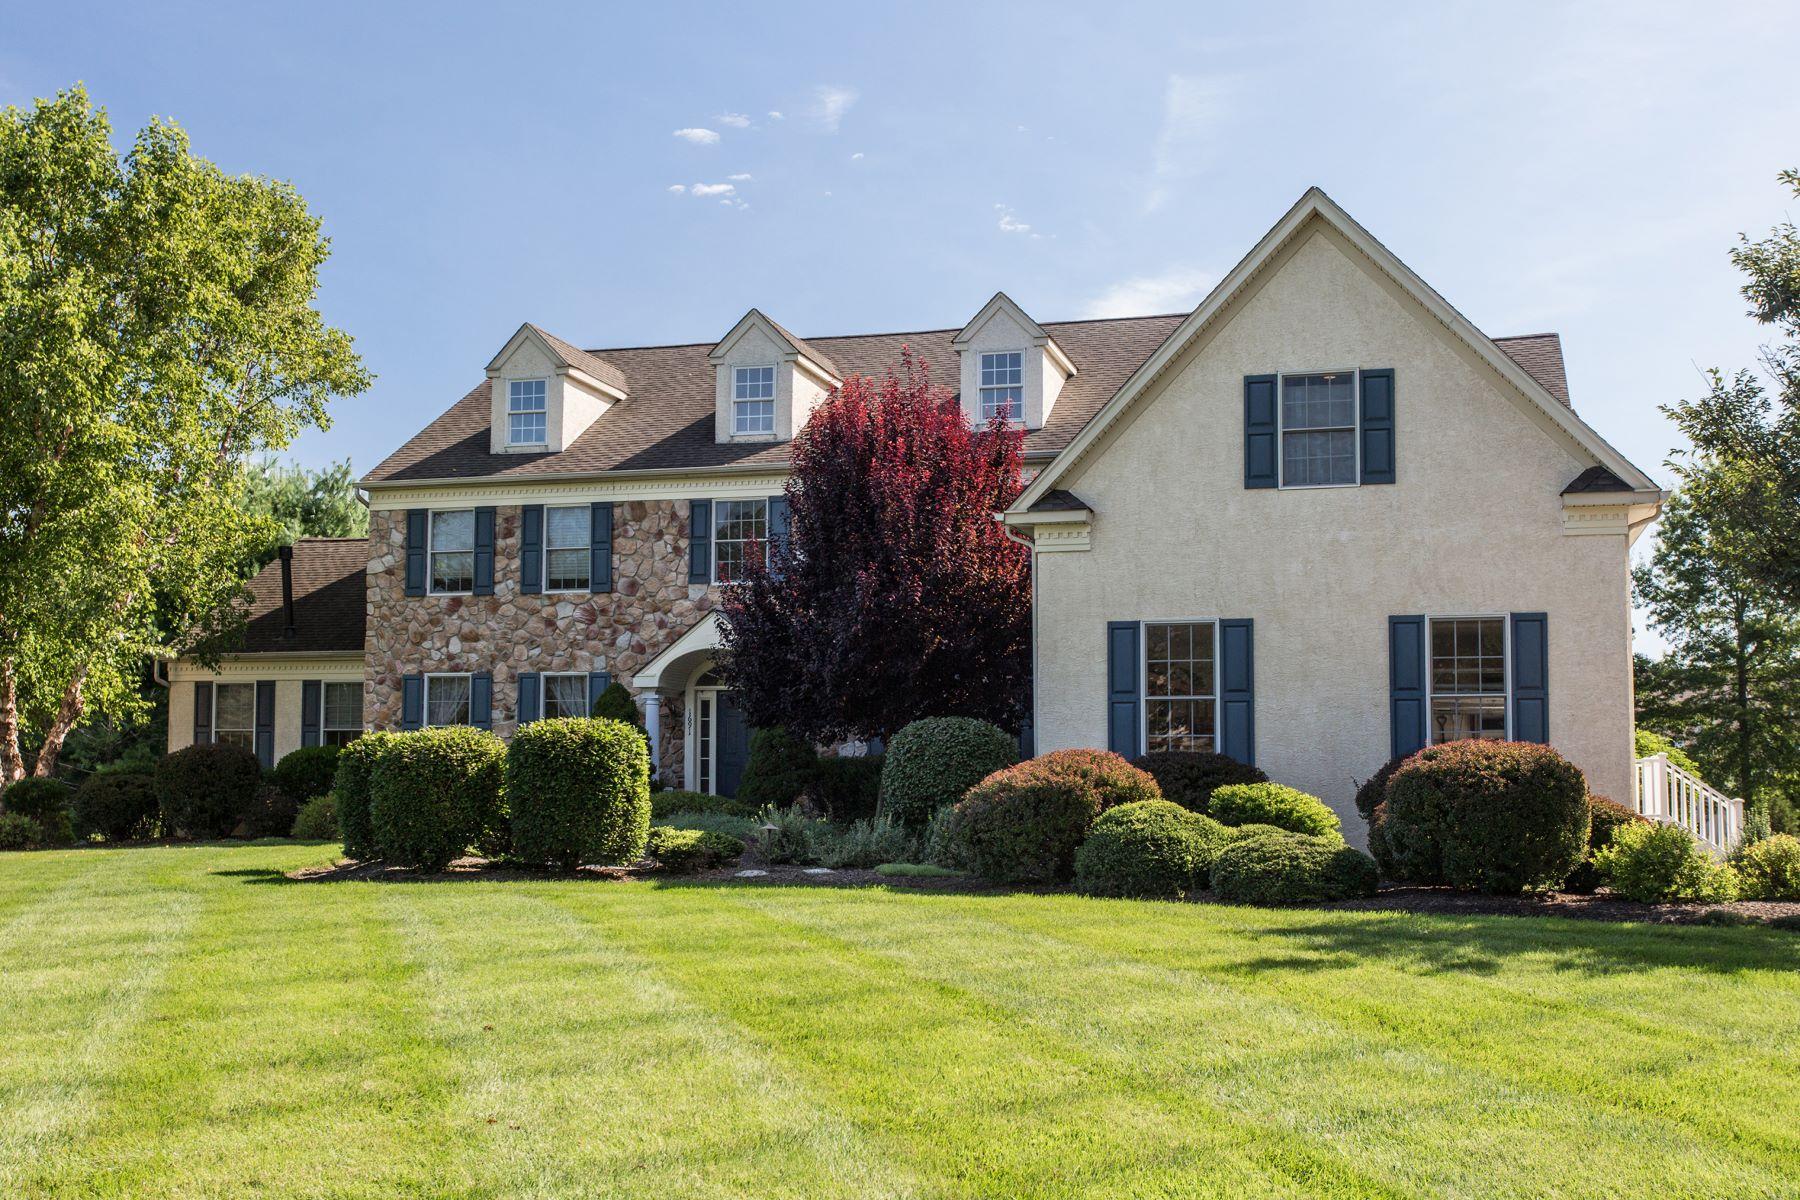 Maison unifamiliale pour l à vendre à 1691 Meetinghouse Ln Yardley, Pennsylvanie, 19067 États-Unis